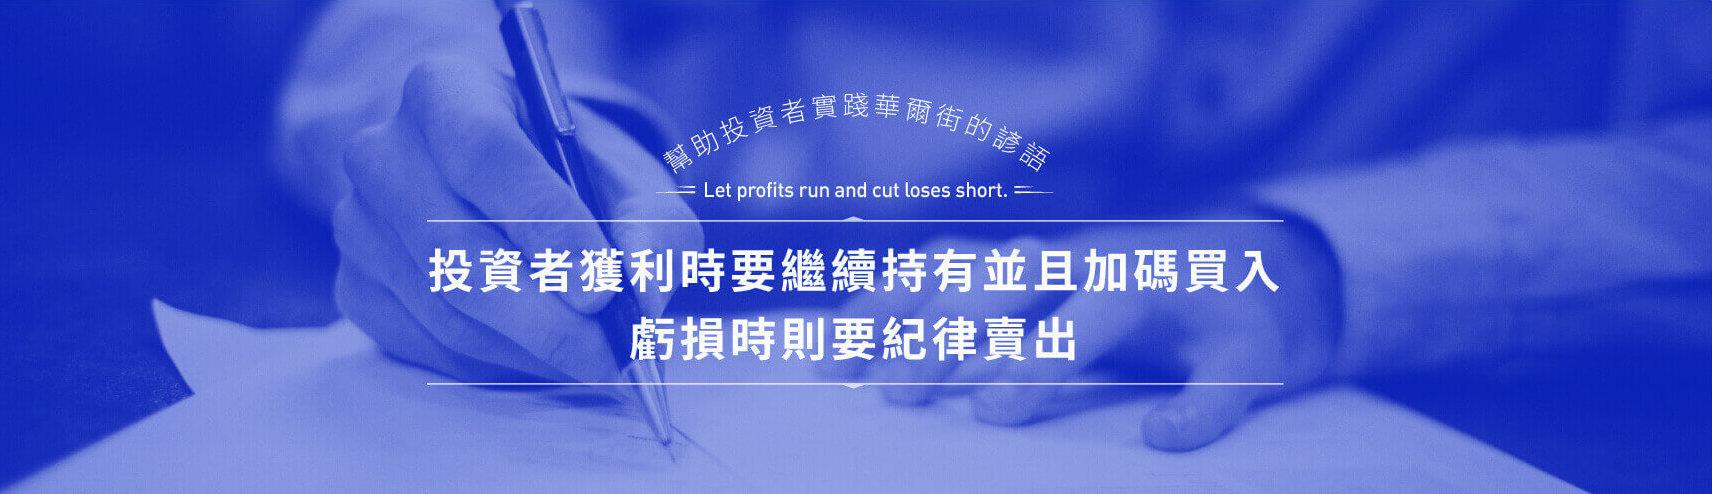 幫助投資者實踐華爾街的諺語,Let profits run and cut loses short,投資者獲利時要繼續持有並且加碼買入虧損時則要紀律賣出